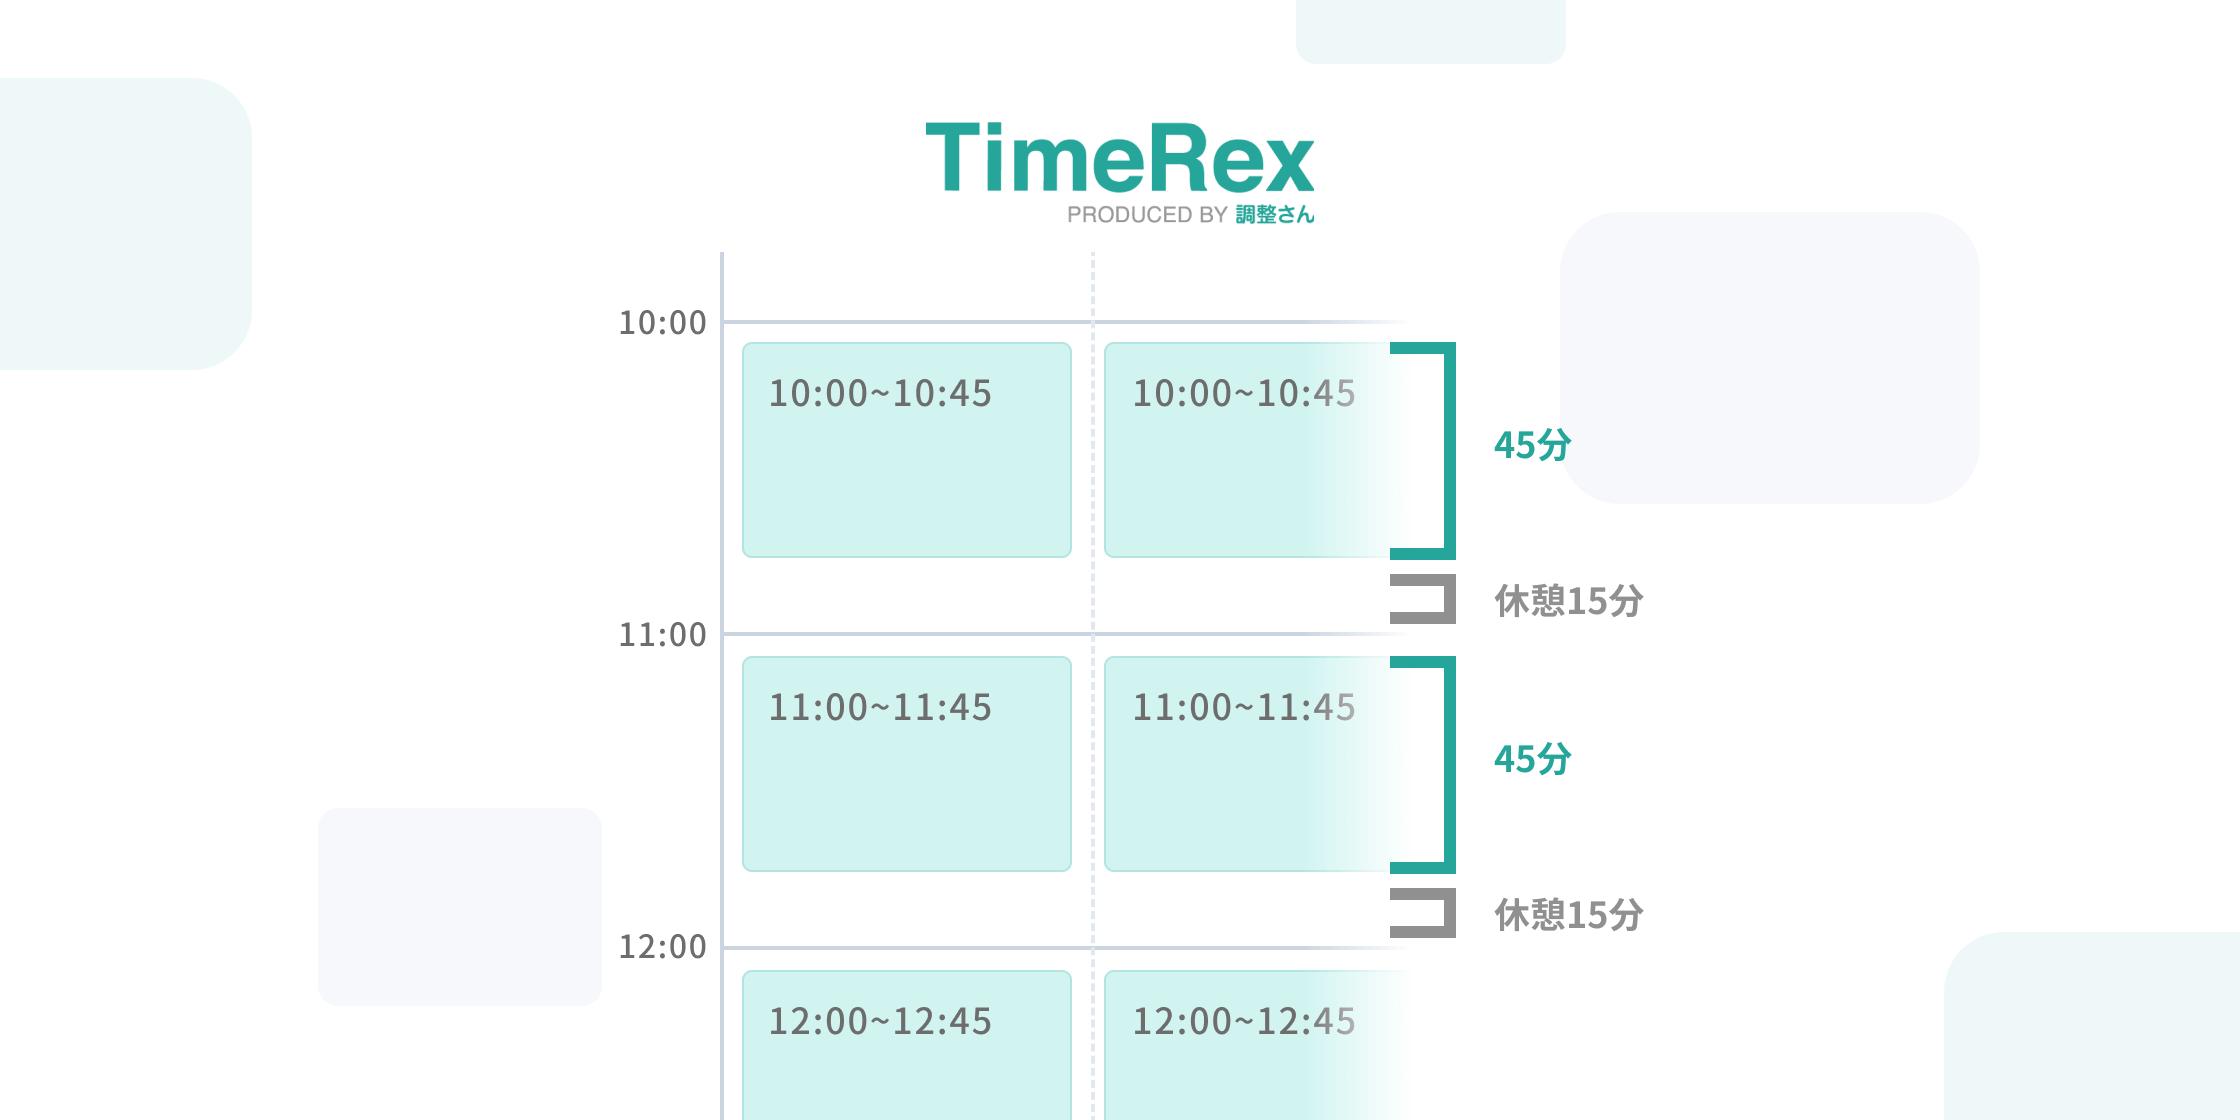 一定の間隔を空けて日程候補を表示する方法